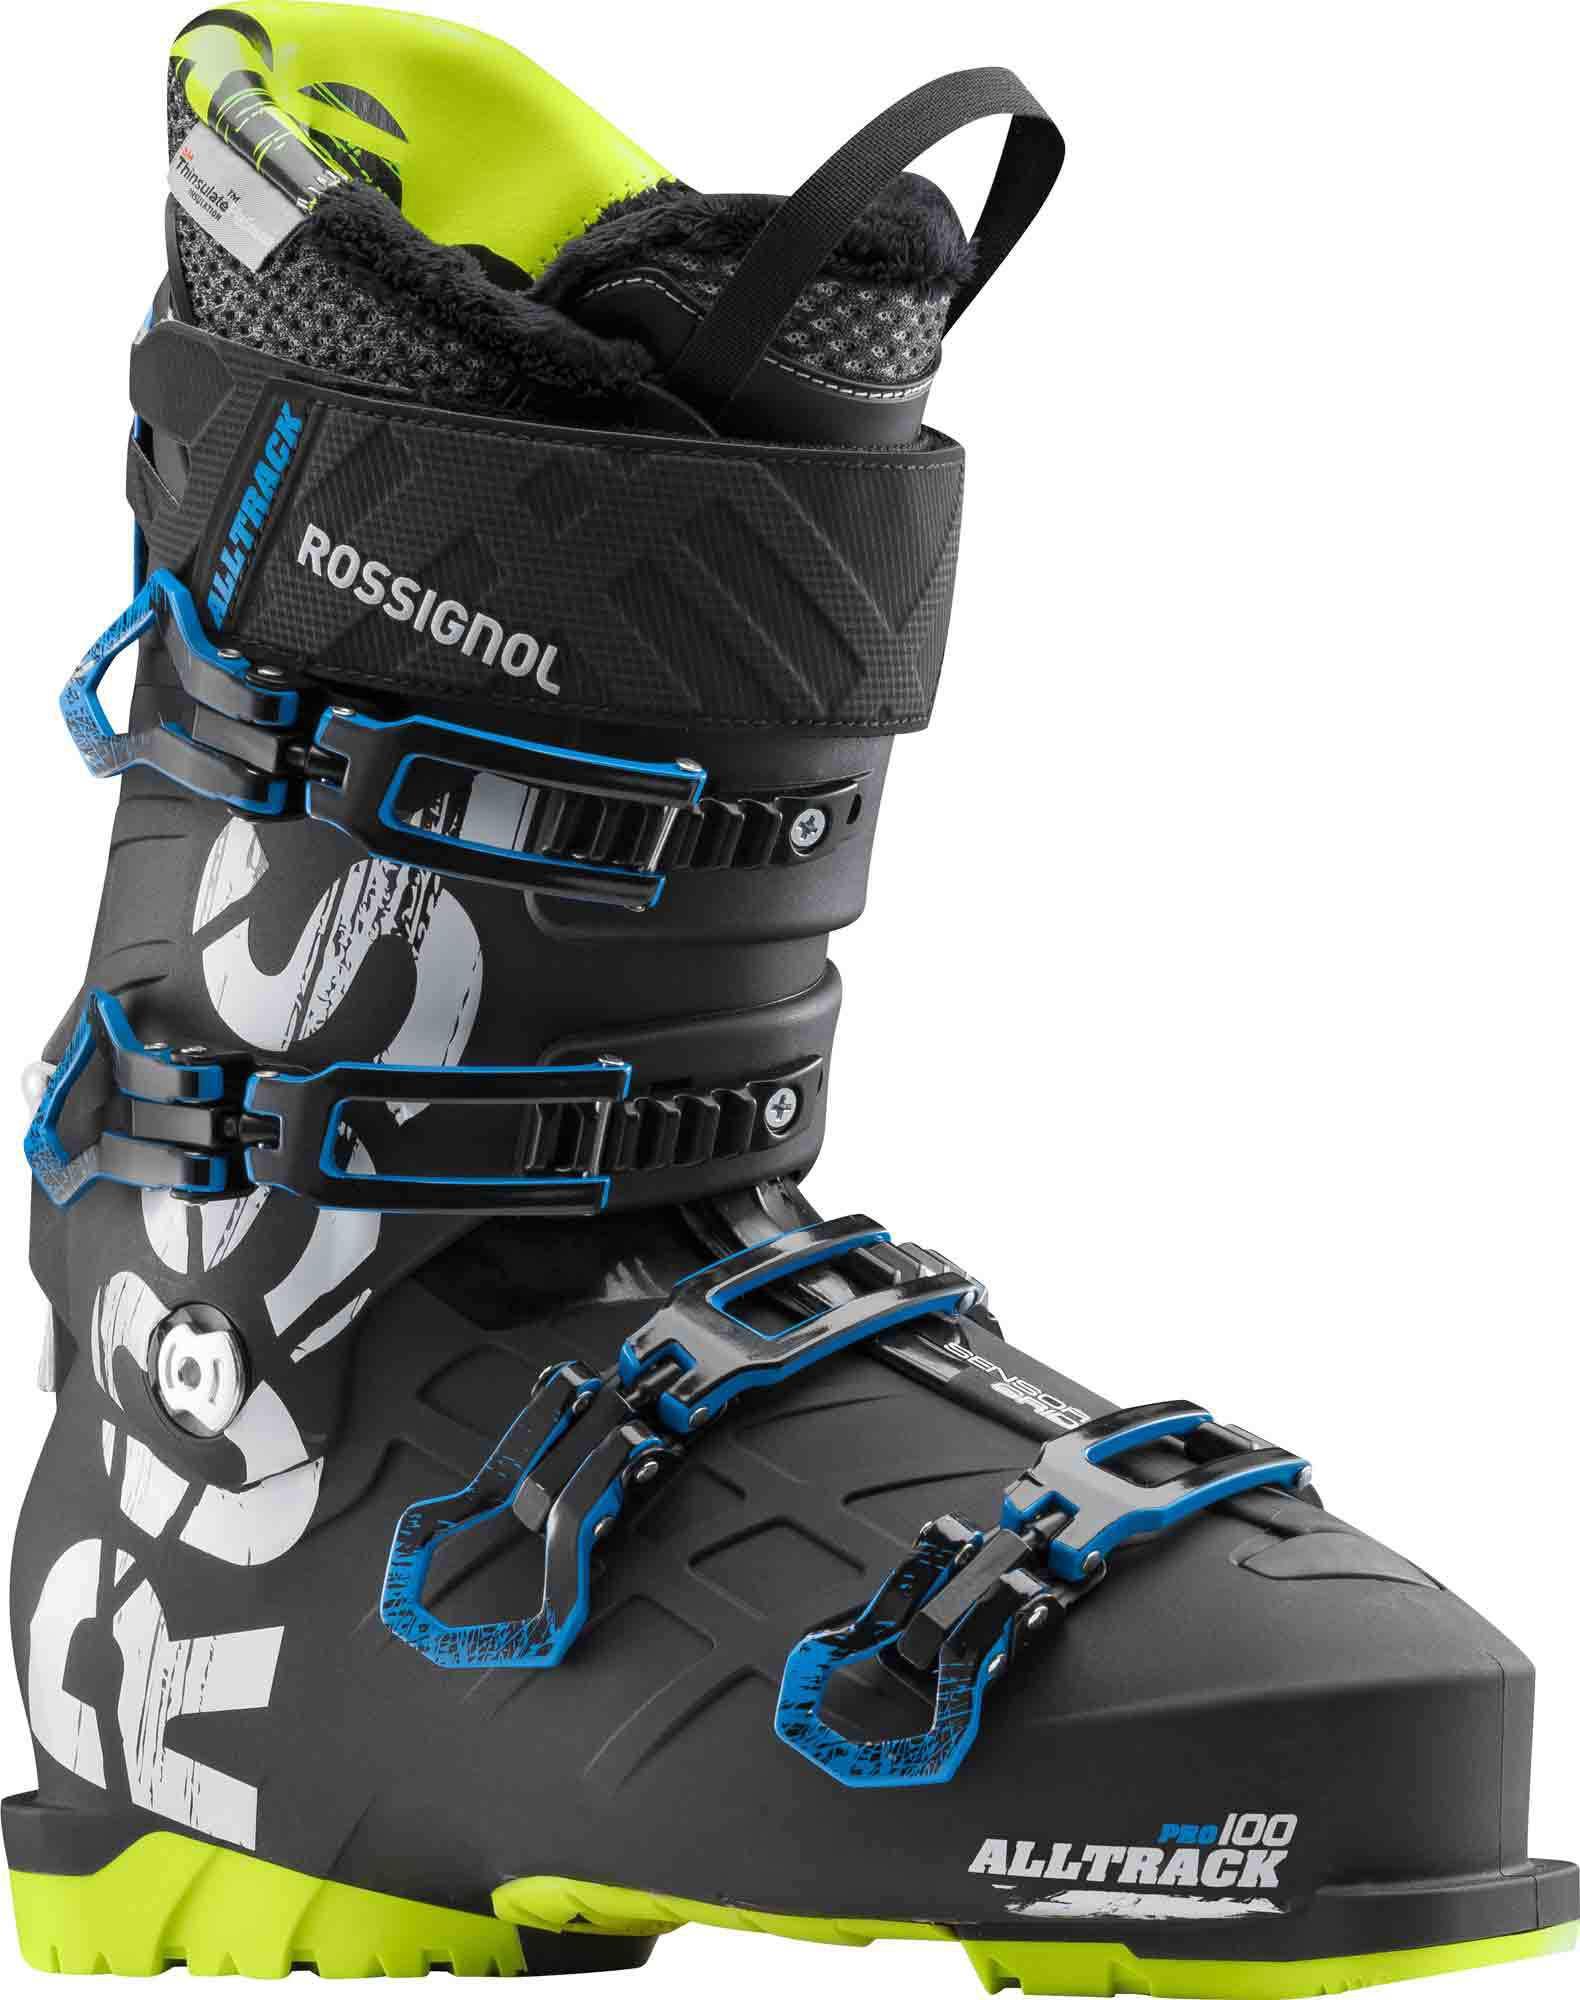 Купить Горнолыжные ботинки ROSSIGNOL 2017-18 ALLTRACK PRO 100 BLACK, Ботинки горнoлыжные, 1363783